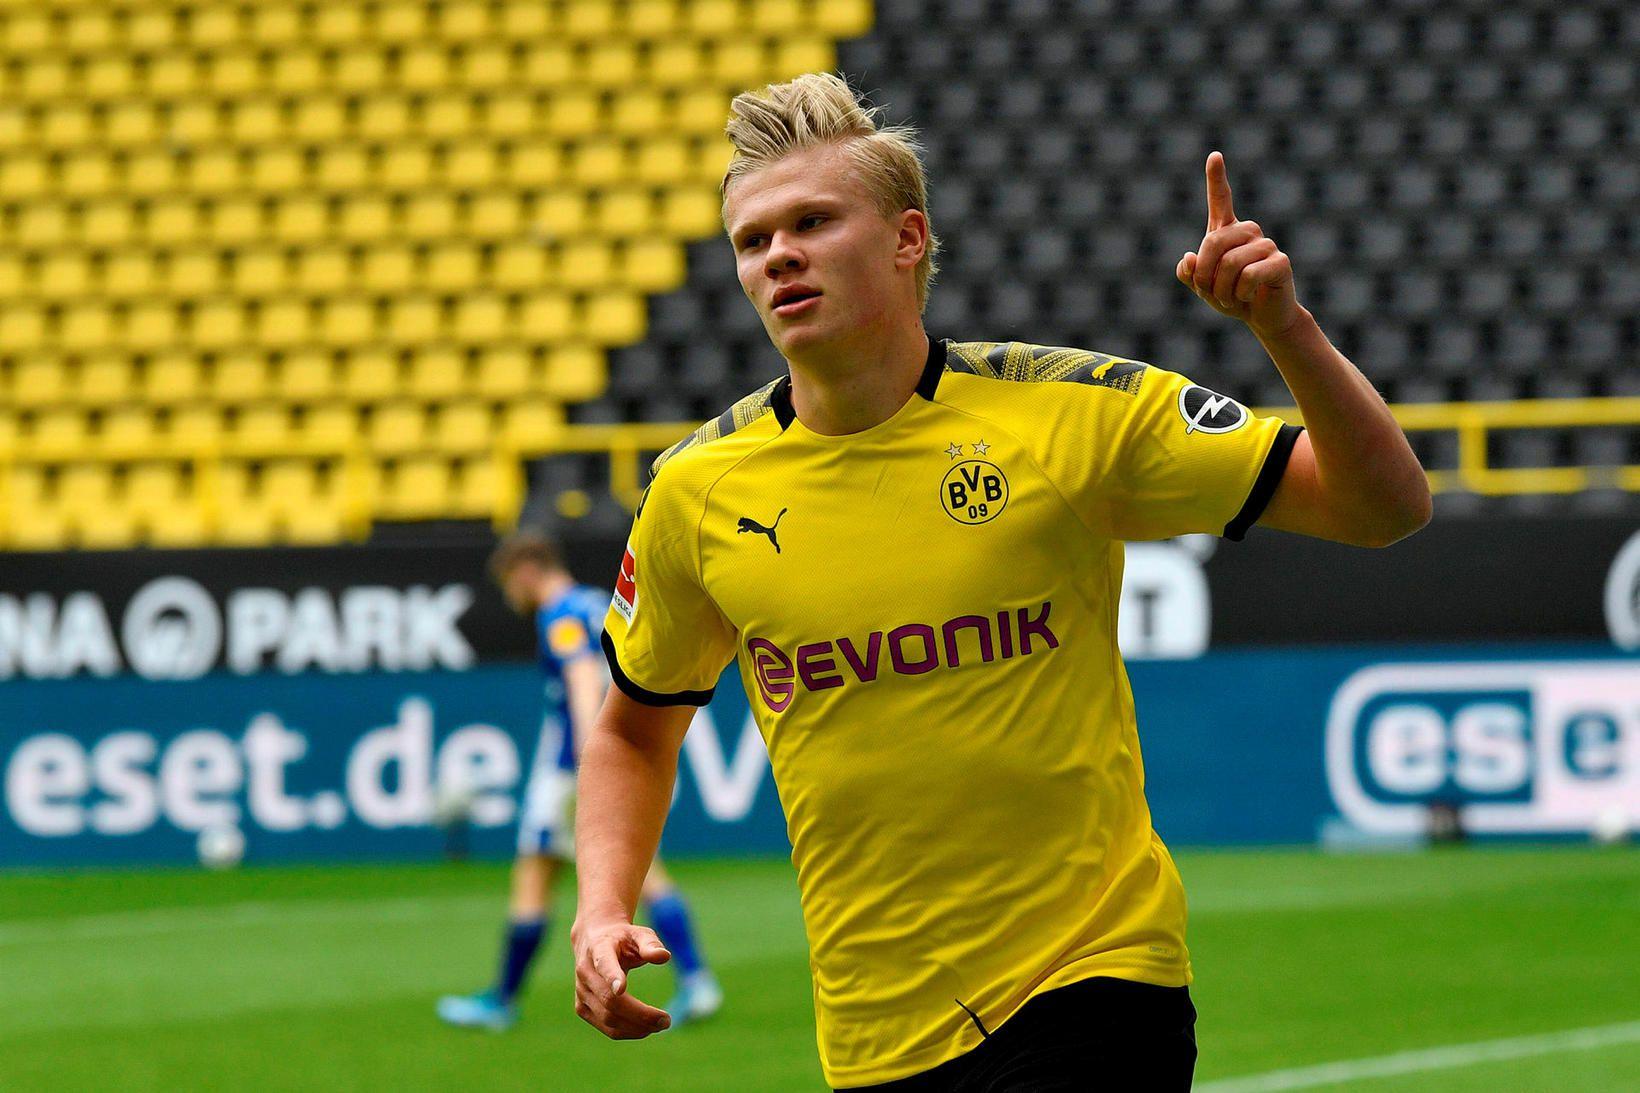 Erling Braut Haaland fagnar marki sínu gegn Schalke um síðustu …